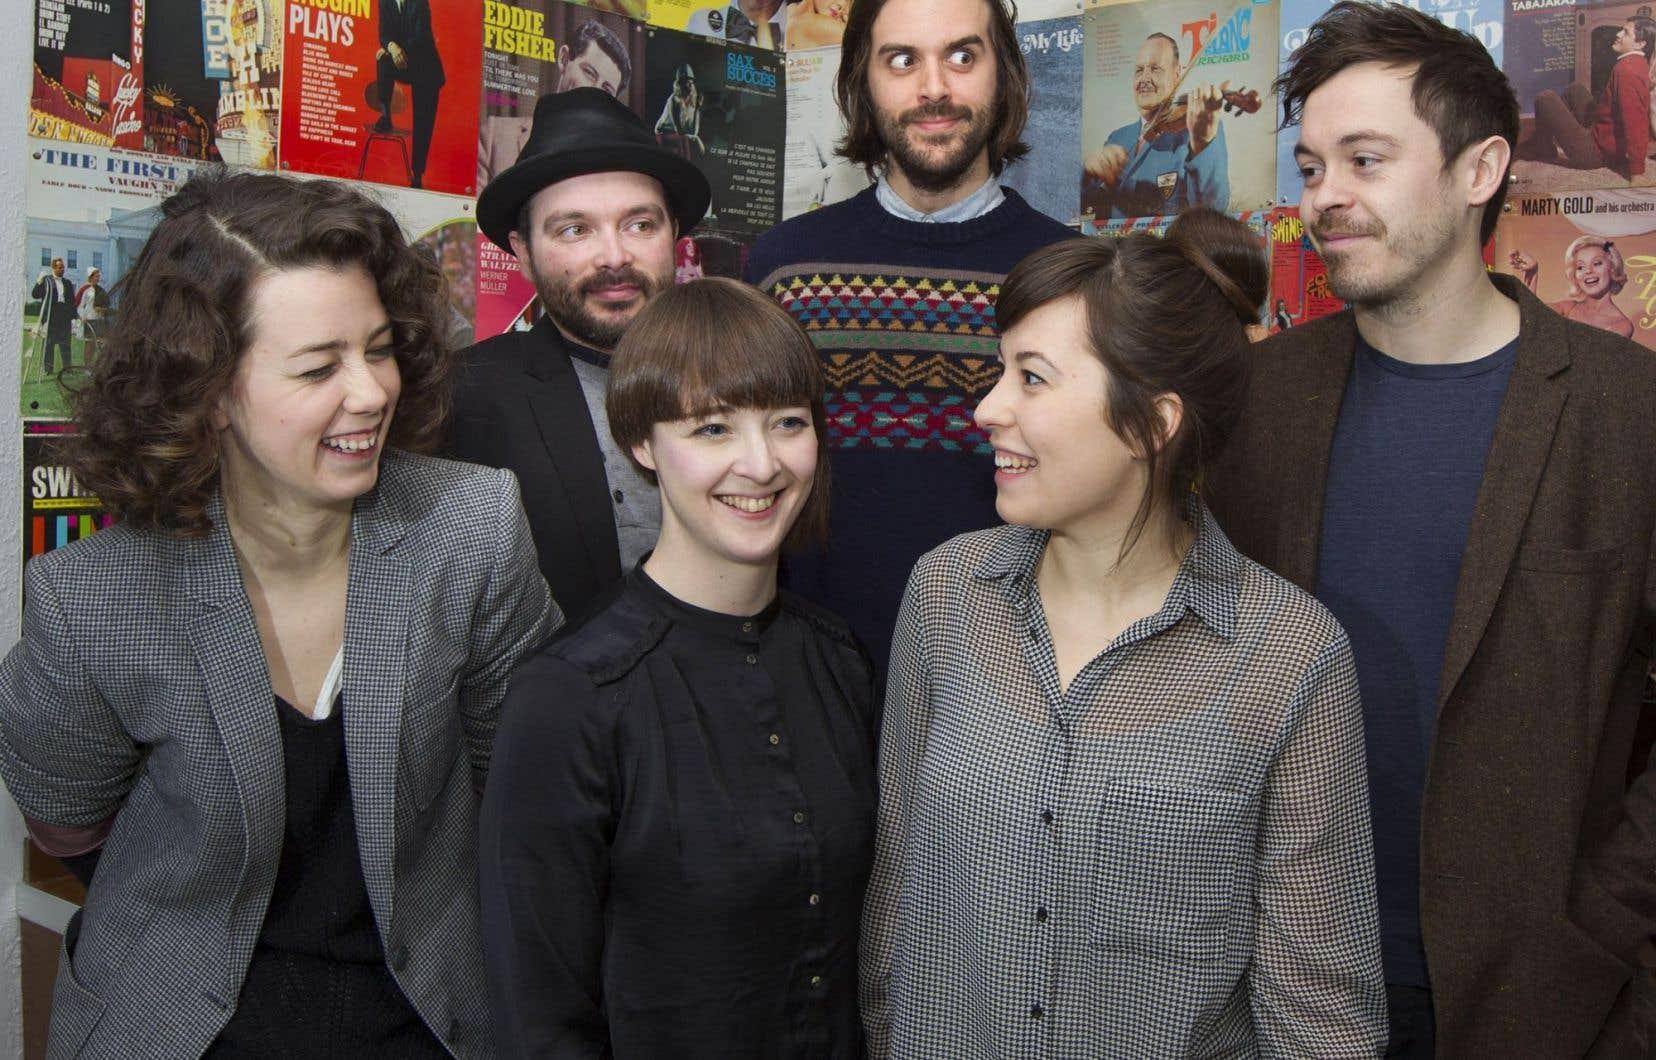 La sélection officielle de 2014 compte une grande majorité de groupes québécois: on peut retrouver les derniers disques de Monogrenade.